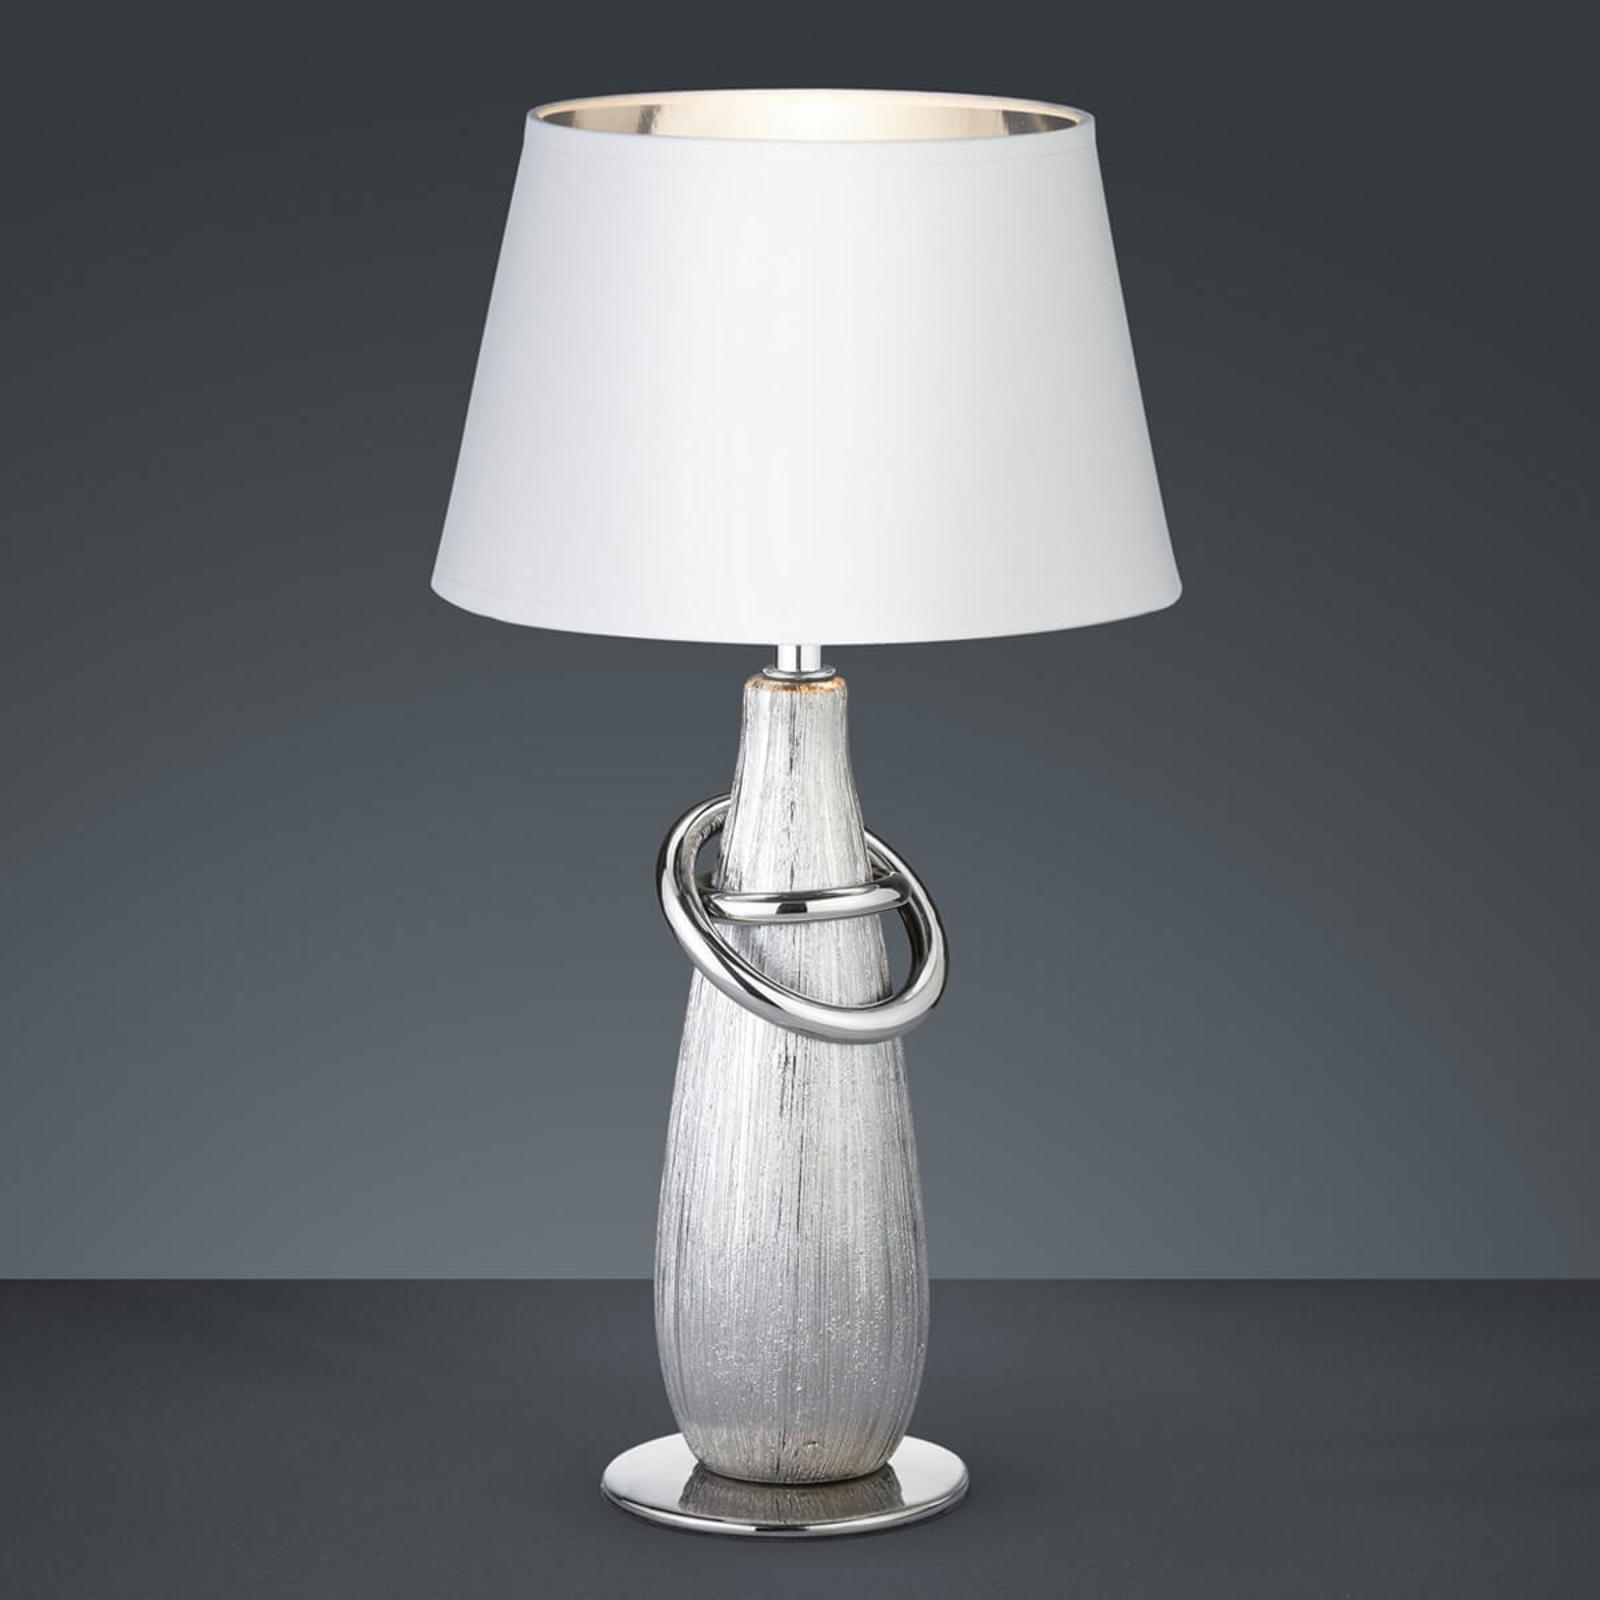 Thebes - tafellamp met zilveren keramische voet